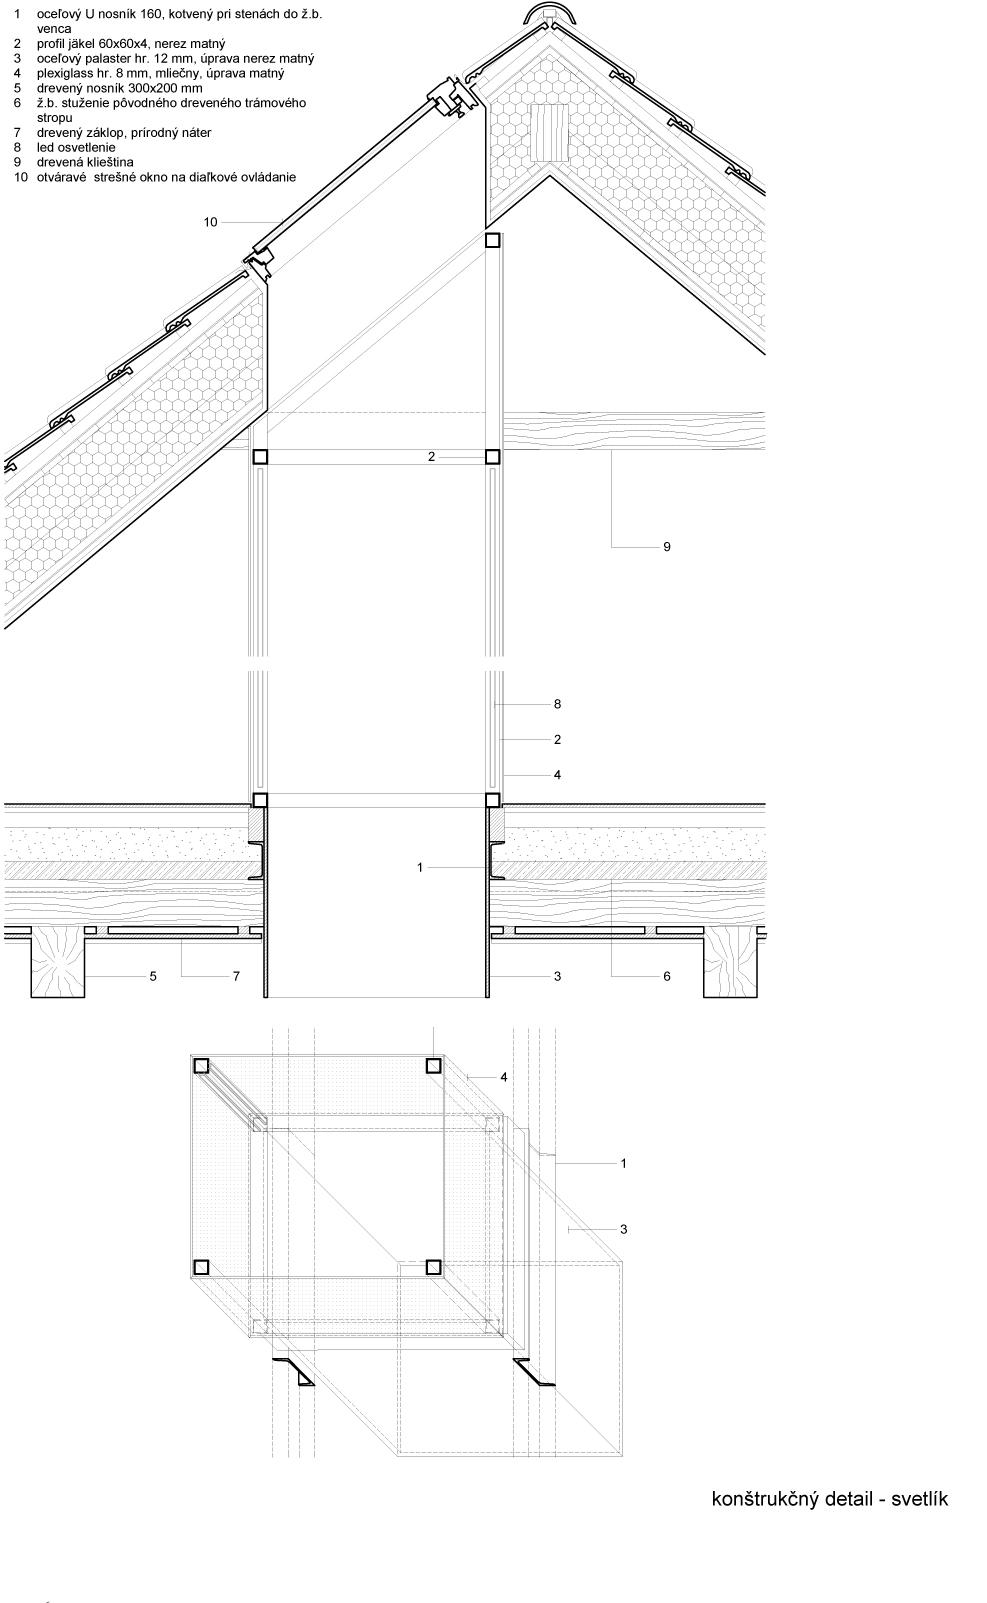 RD Levoca pdf vykresy 7